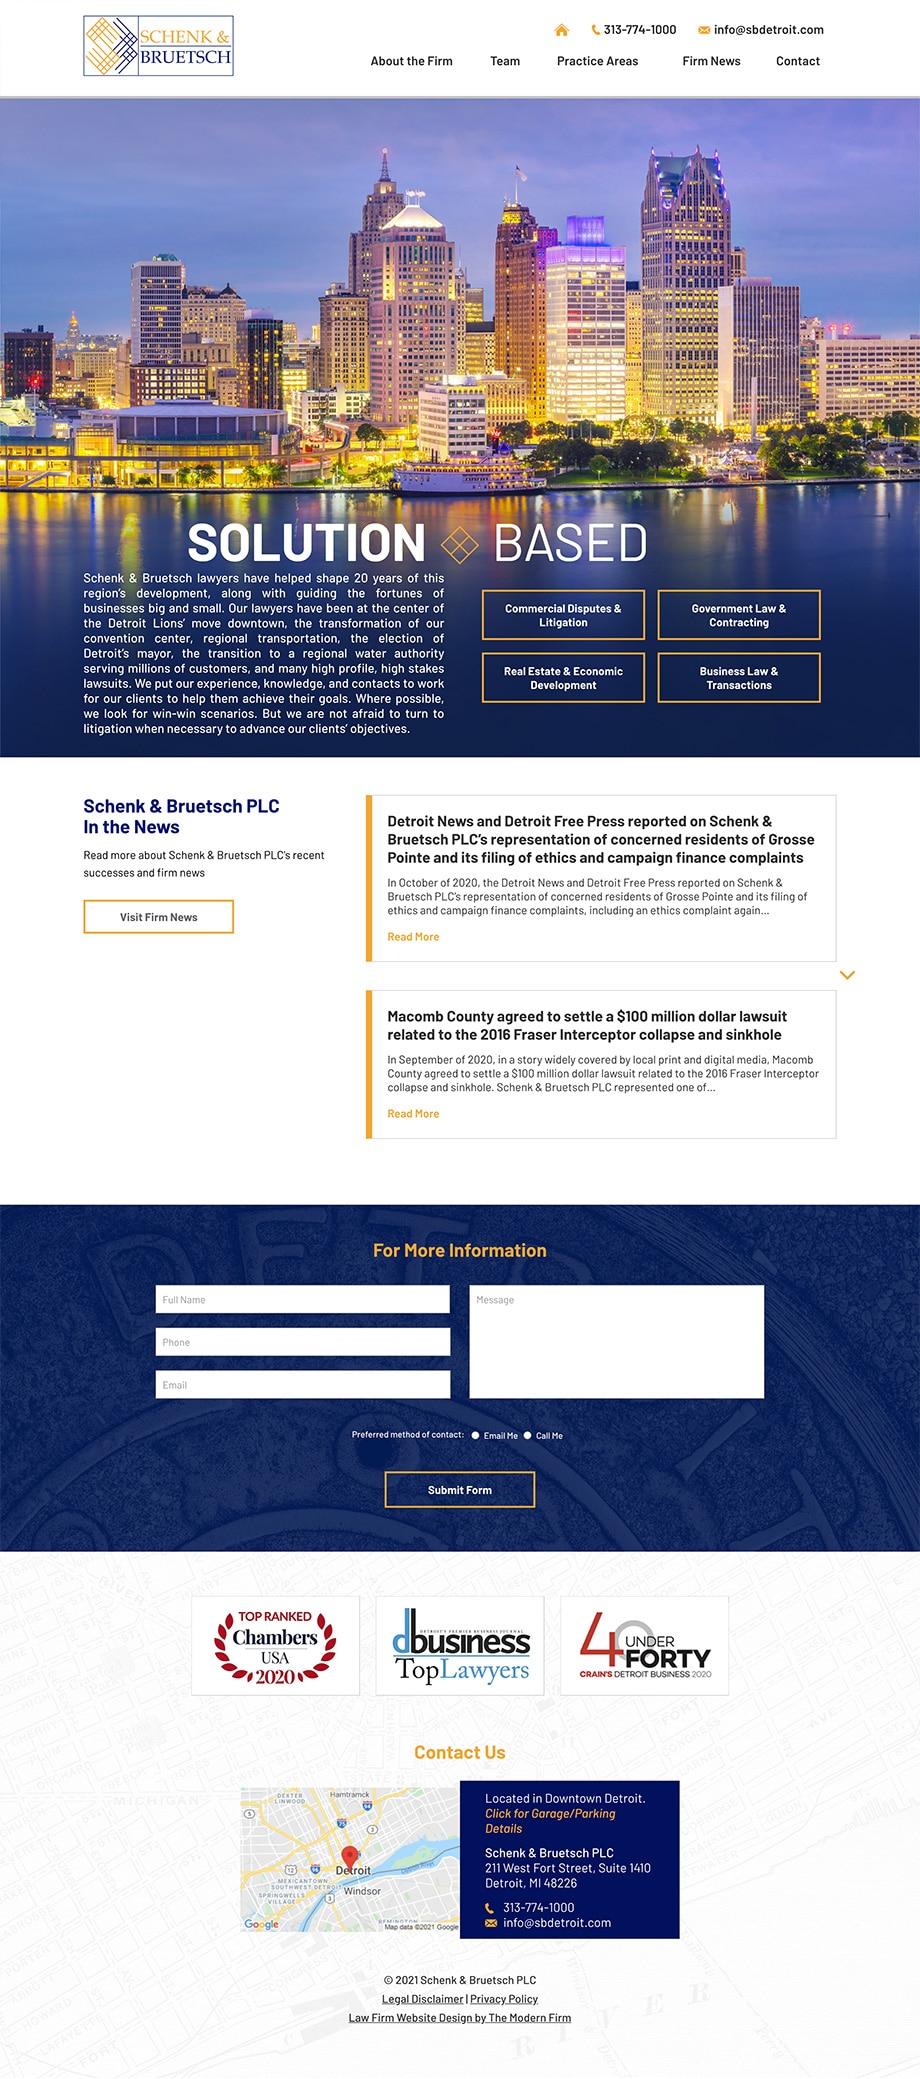 Law Firm Website Design for Schenk & Bruetsch PLC